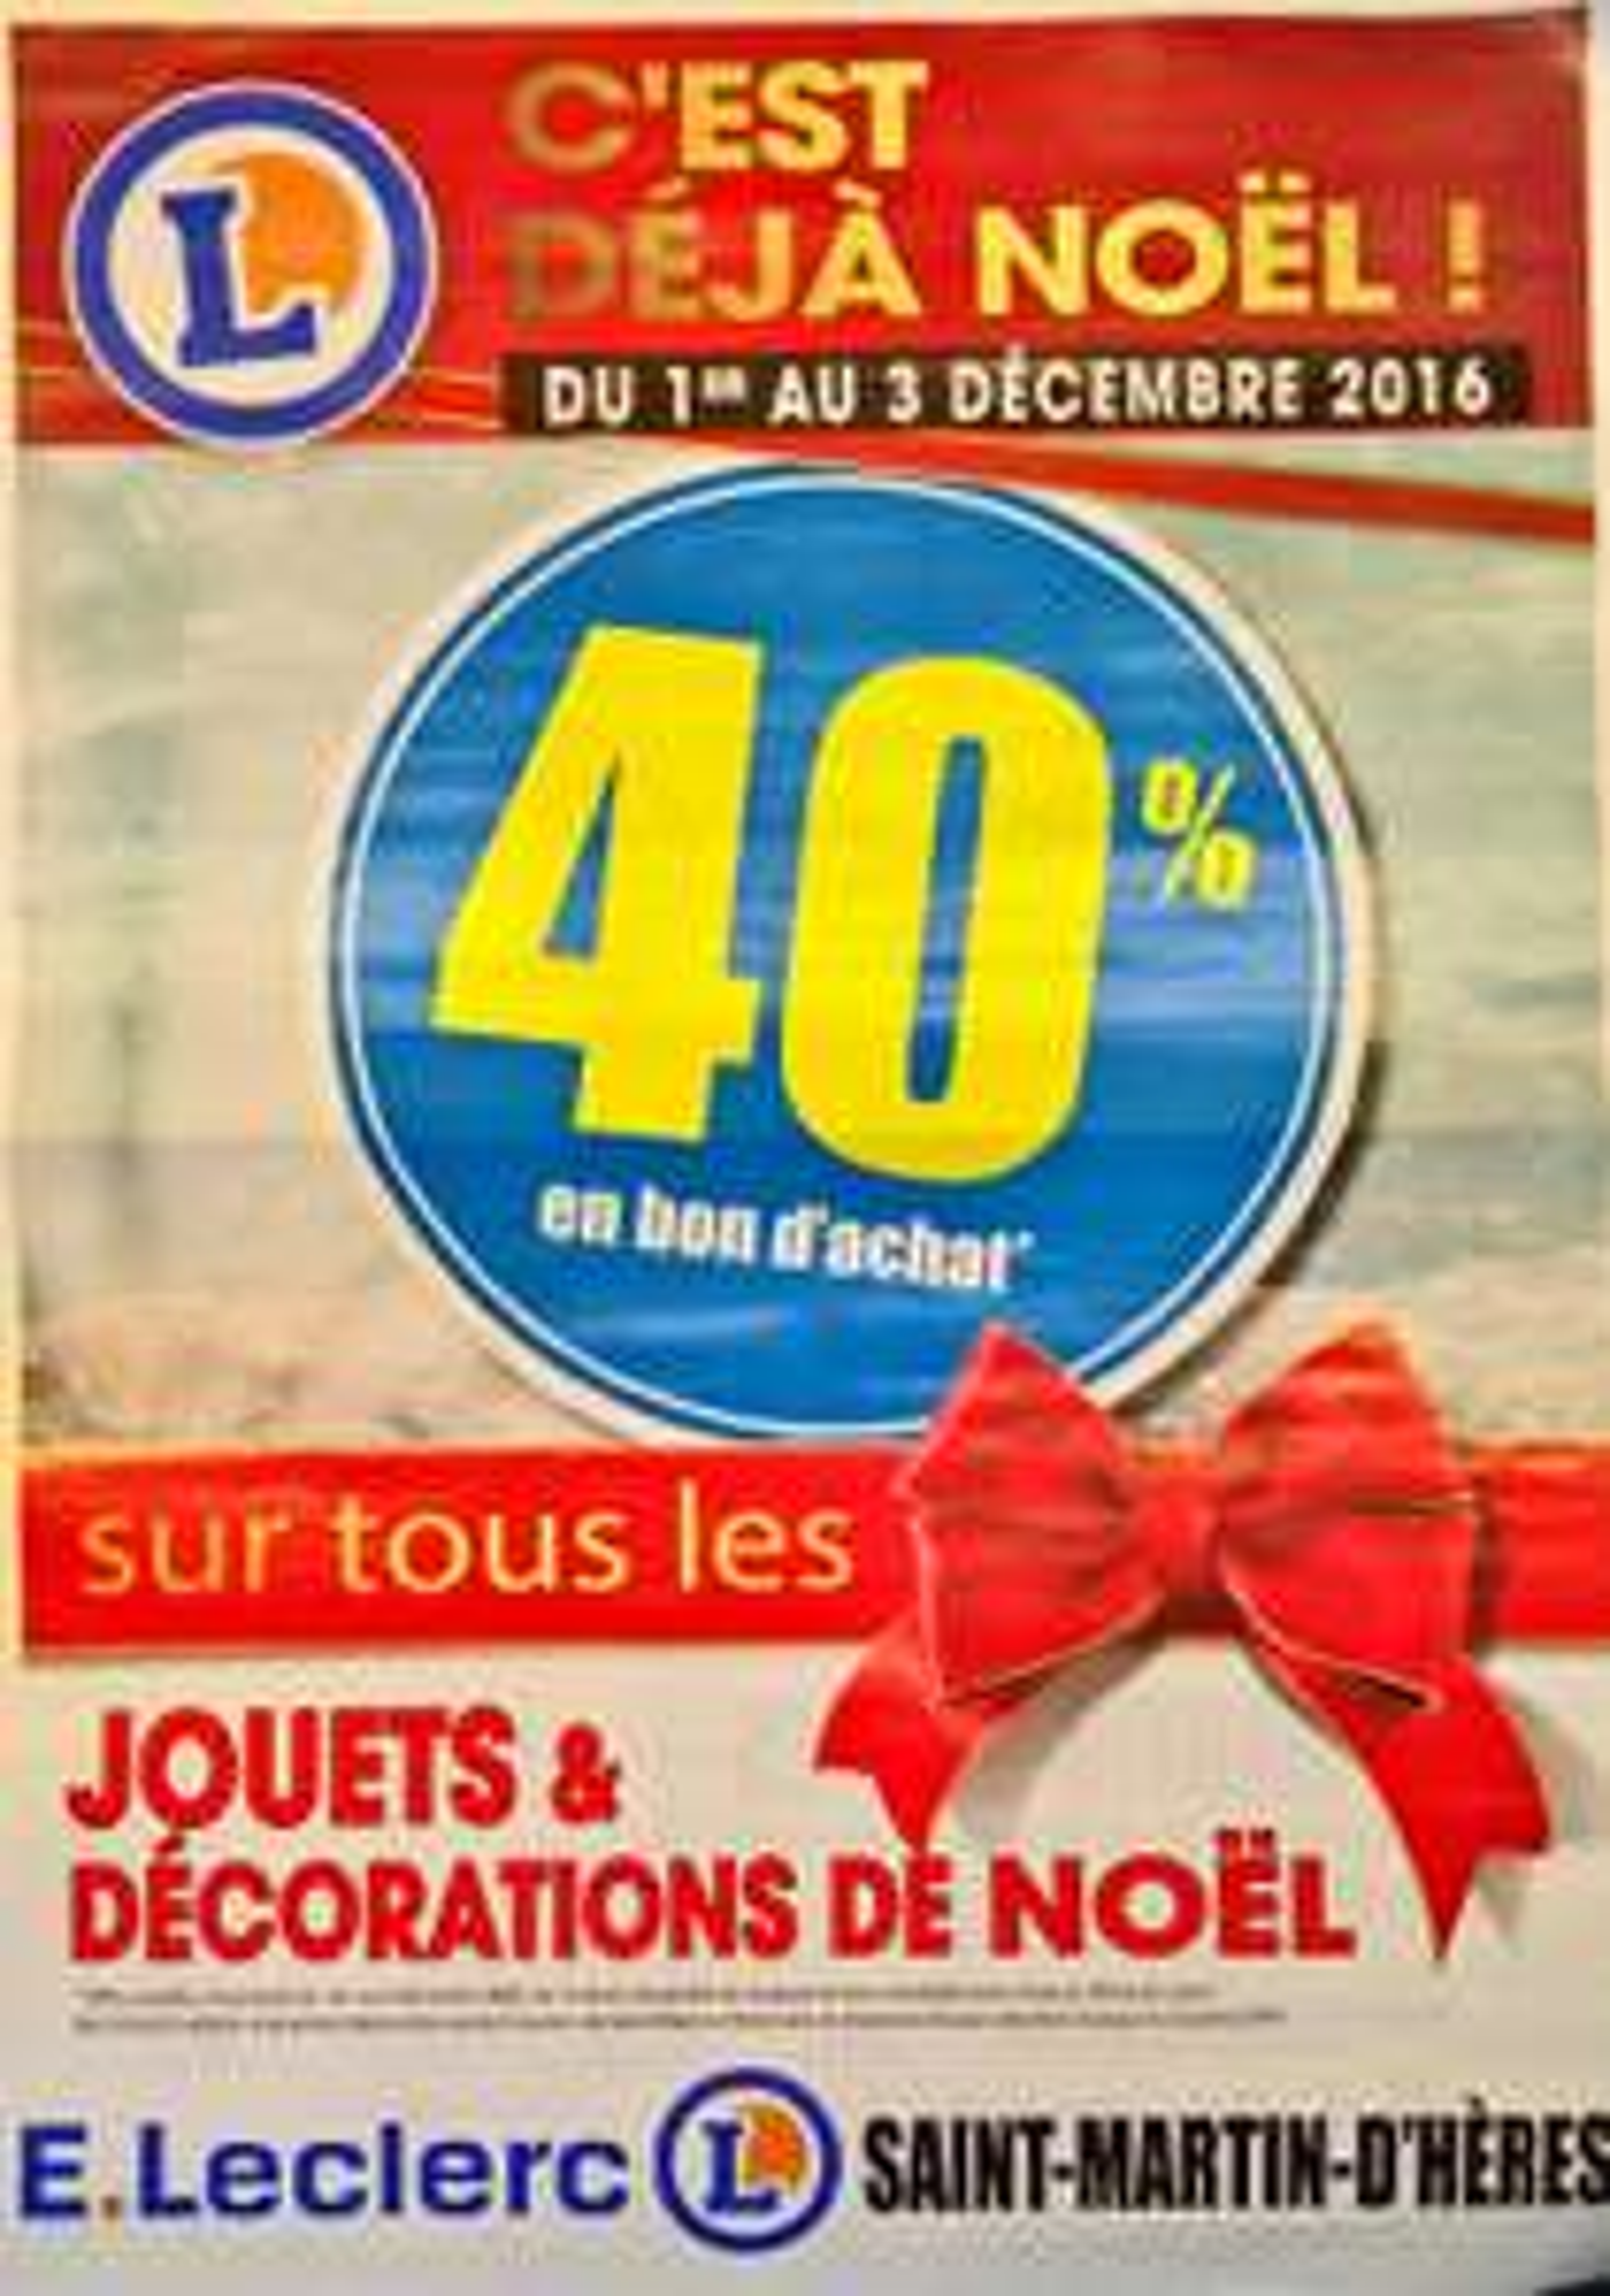 40% offerts en bon d'achat sur tous les jouets et décorations de Noël